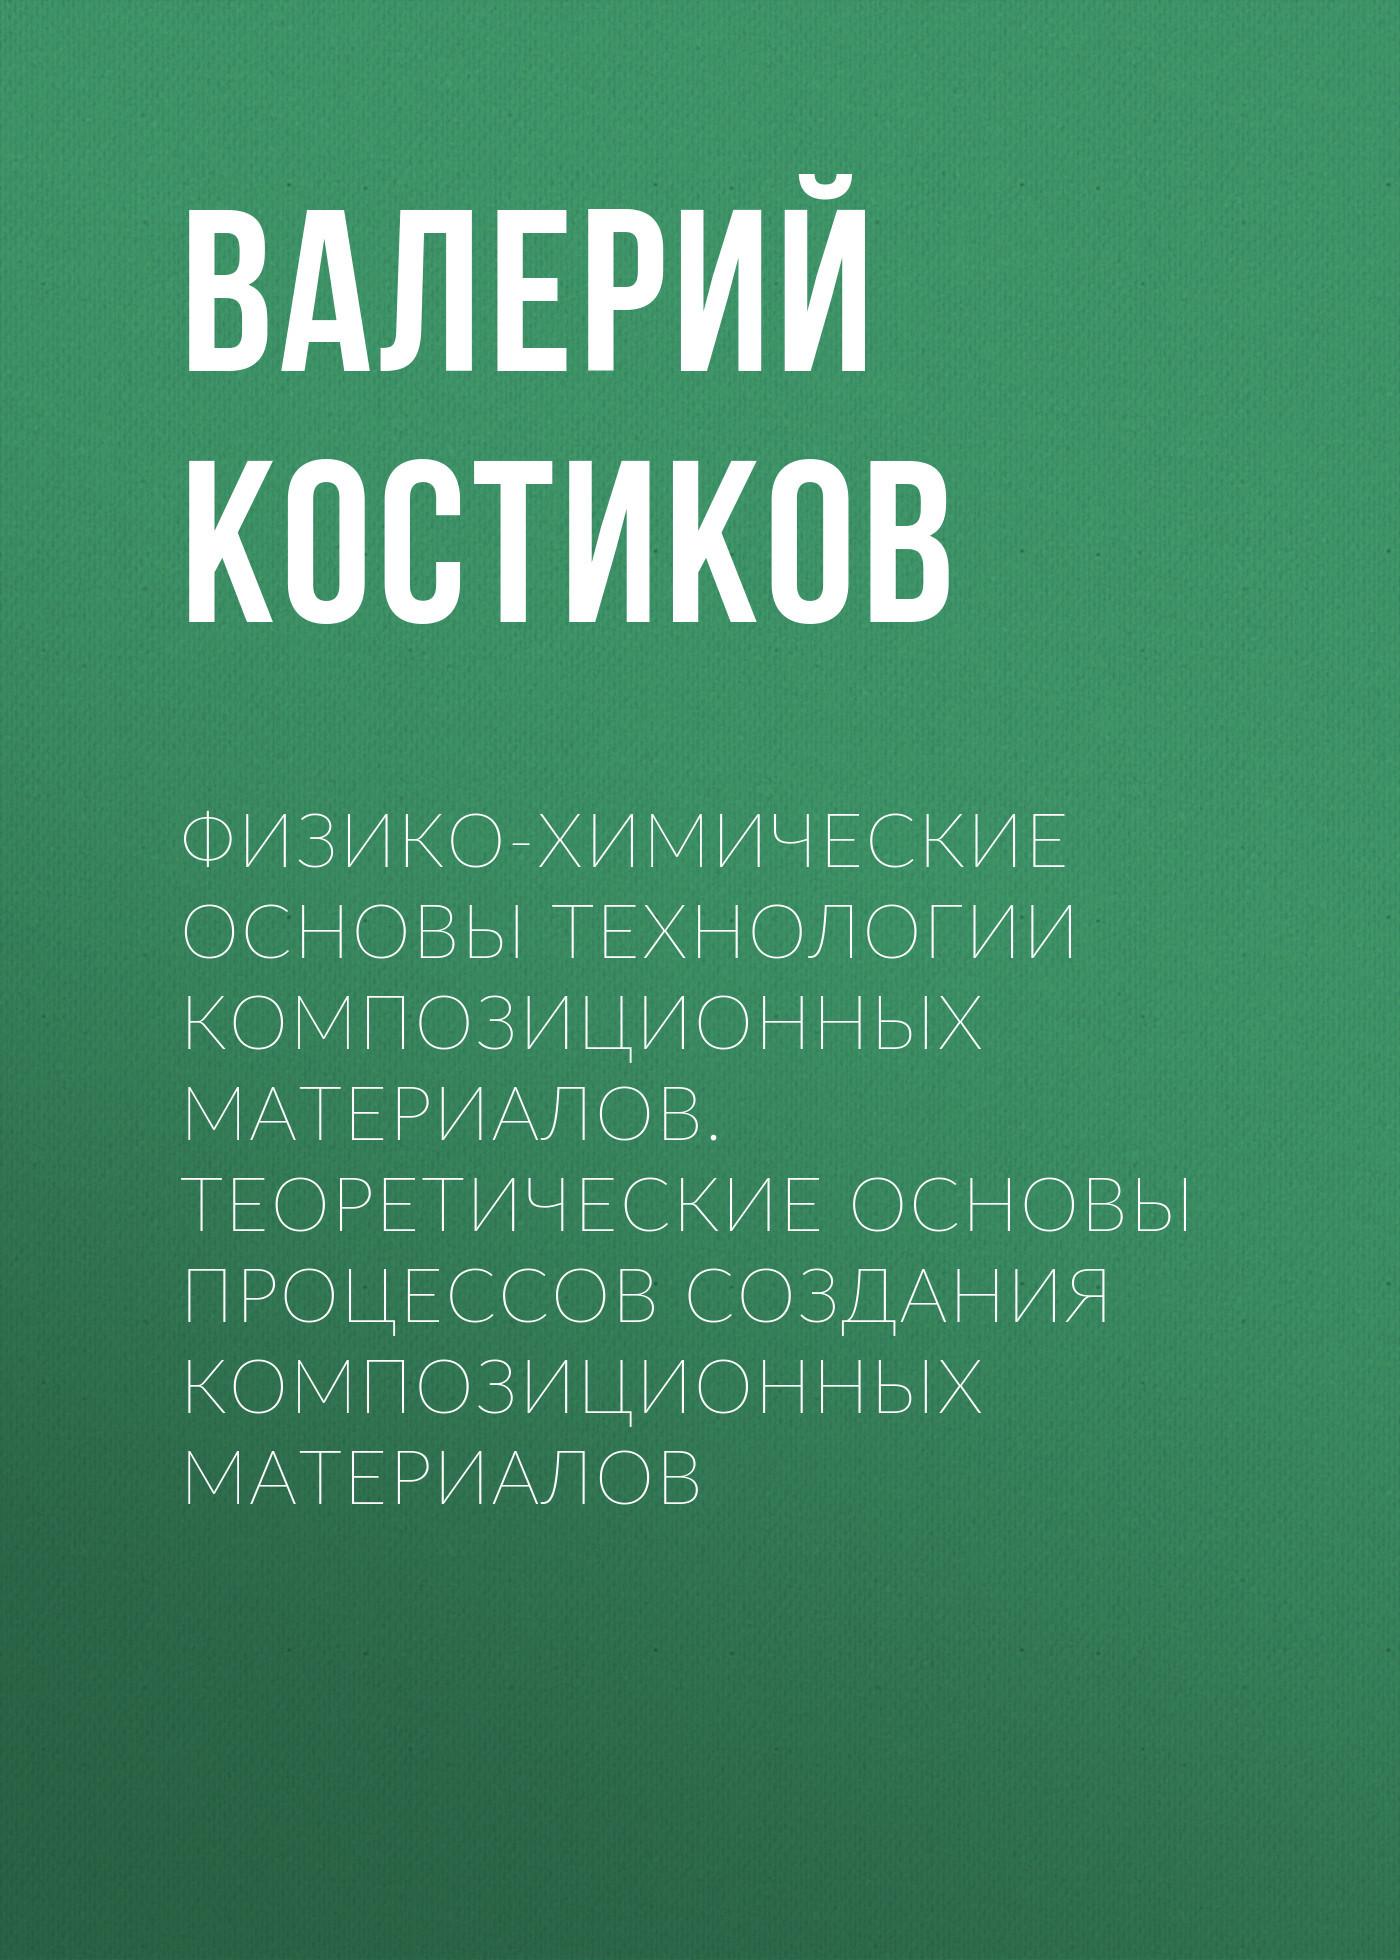 Валерий Костиков Физико-химические основы технологии композиционных материалов. Теоретические основы процессов создания композиционных материалов